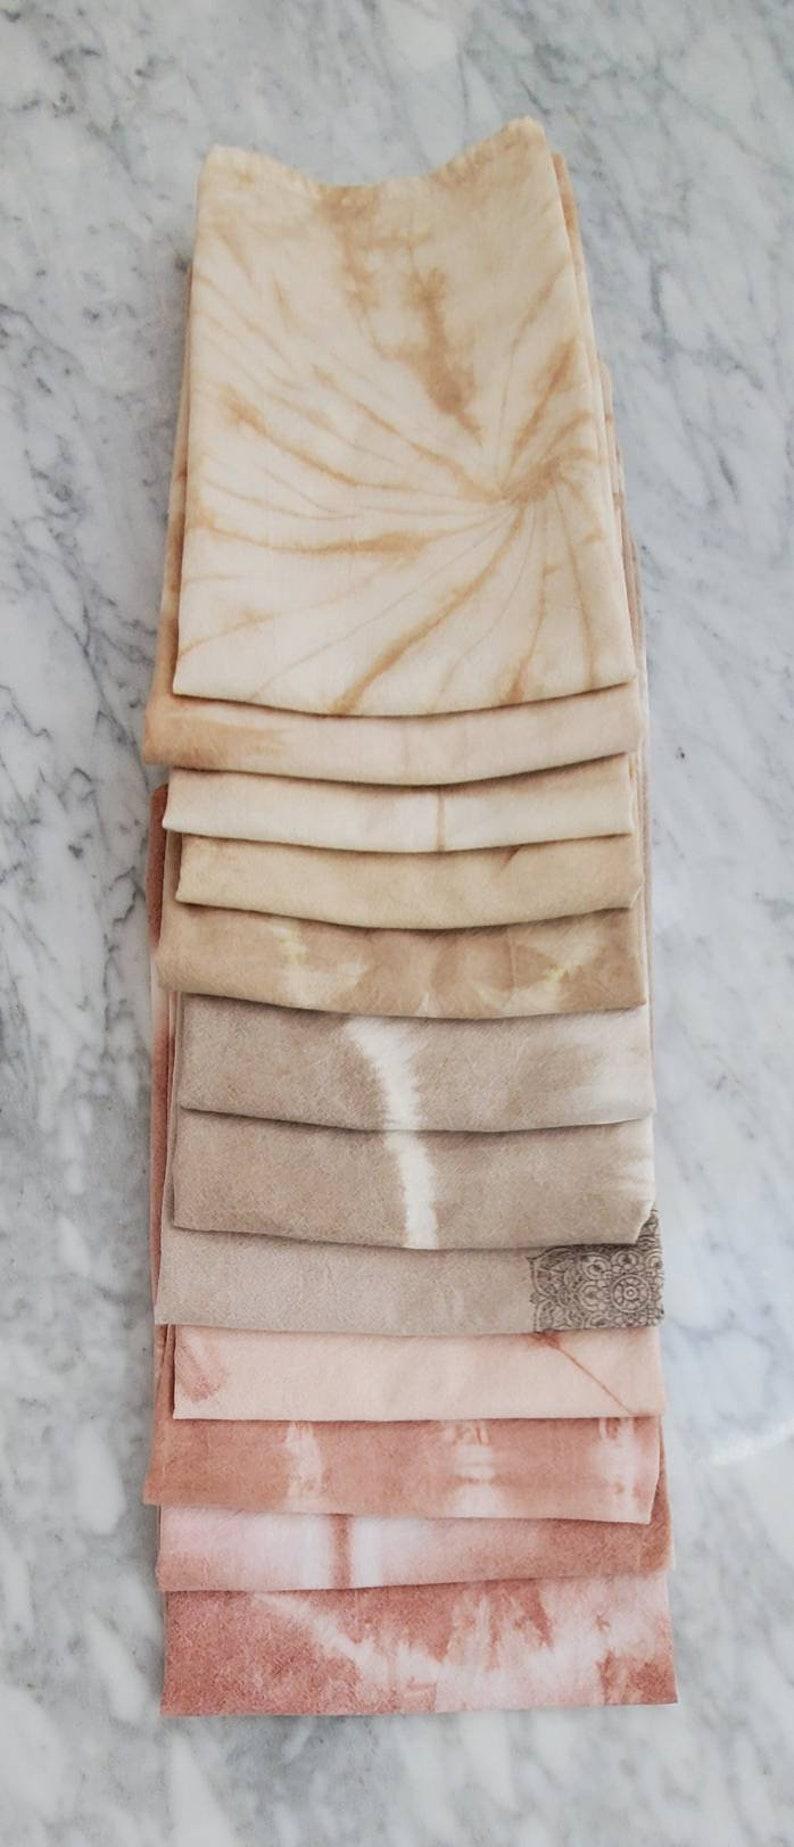 finger tip towel tea towel Natural dyed flour sack towel Shibori /& tiedye. Eco friendly lunch bag place mat kitchen towel guest towel